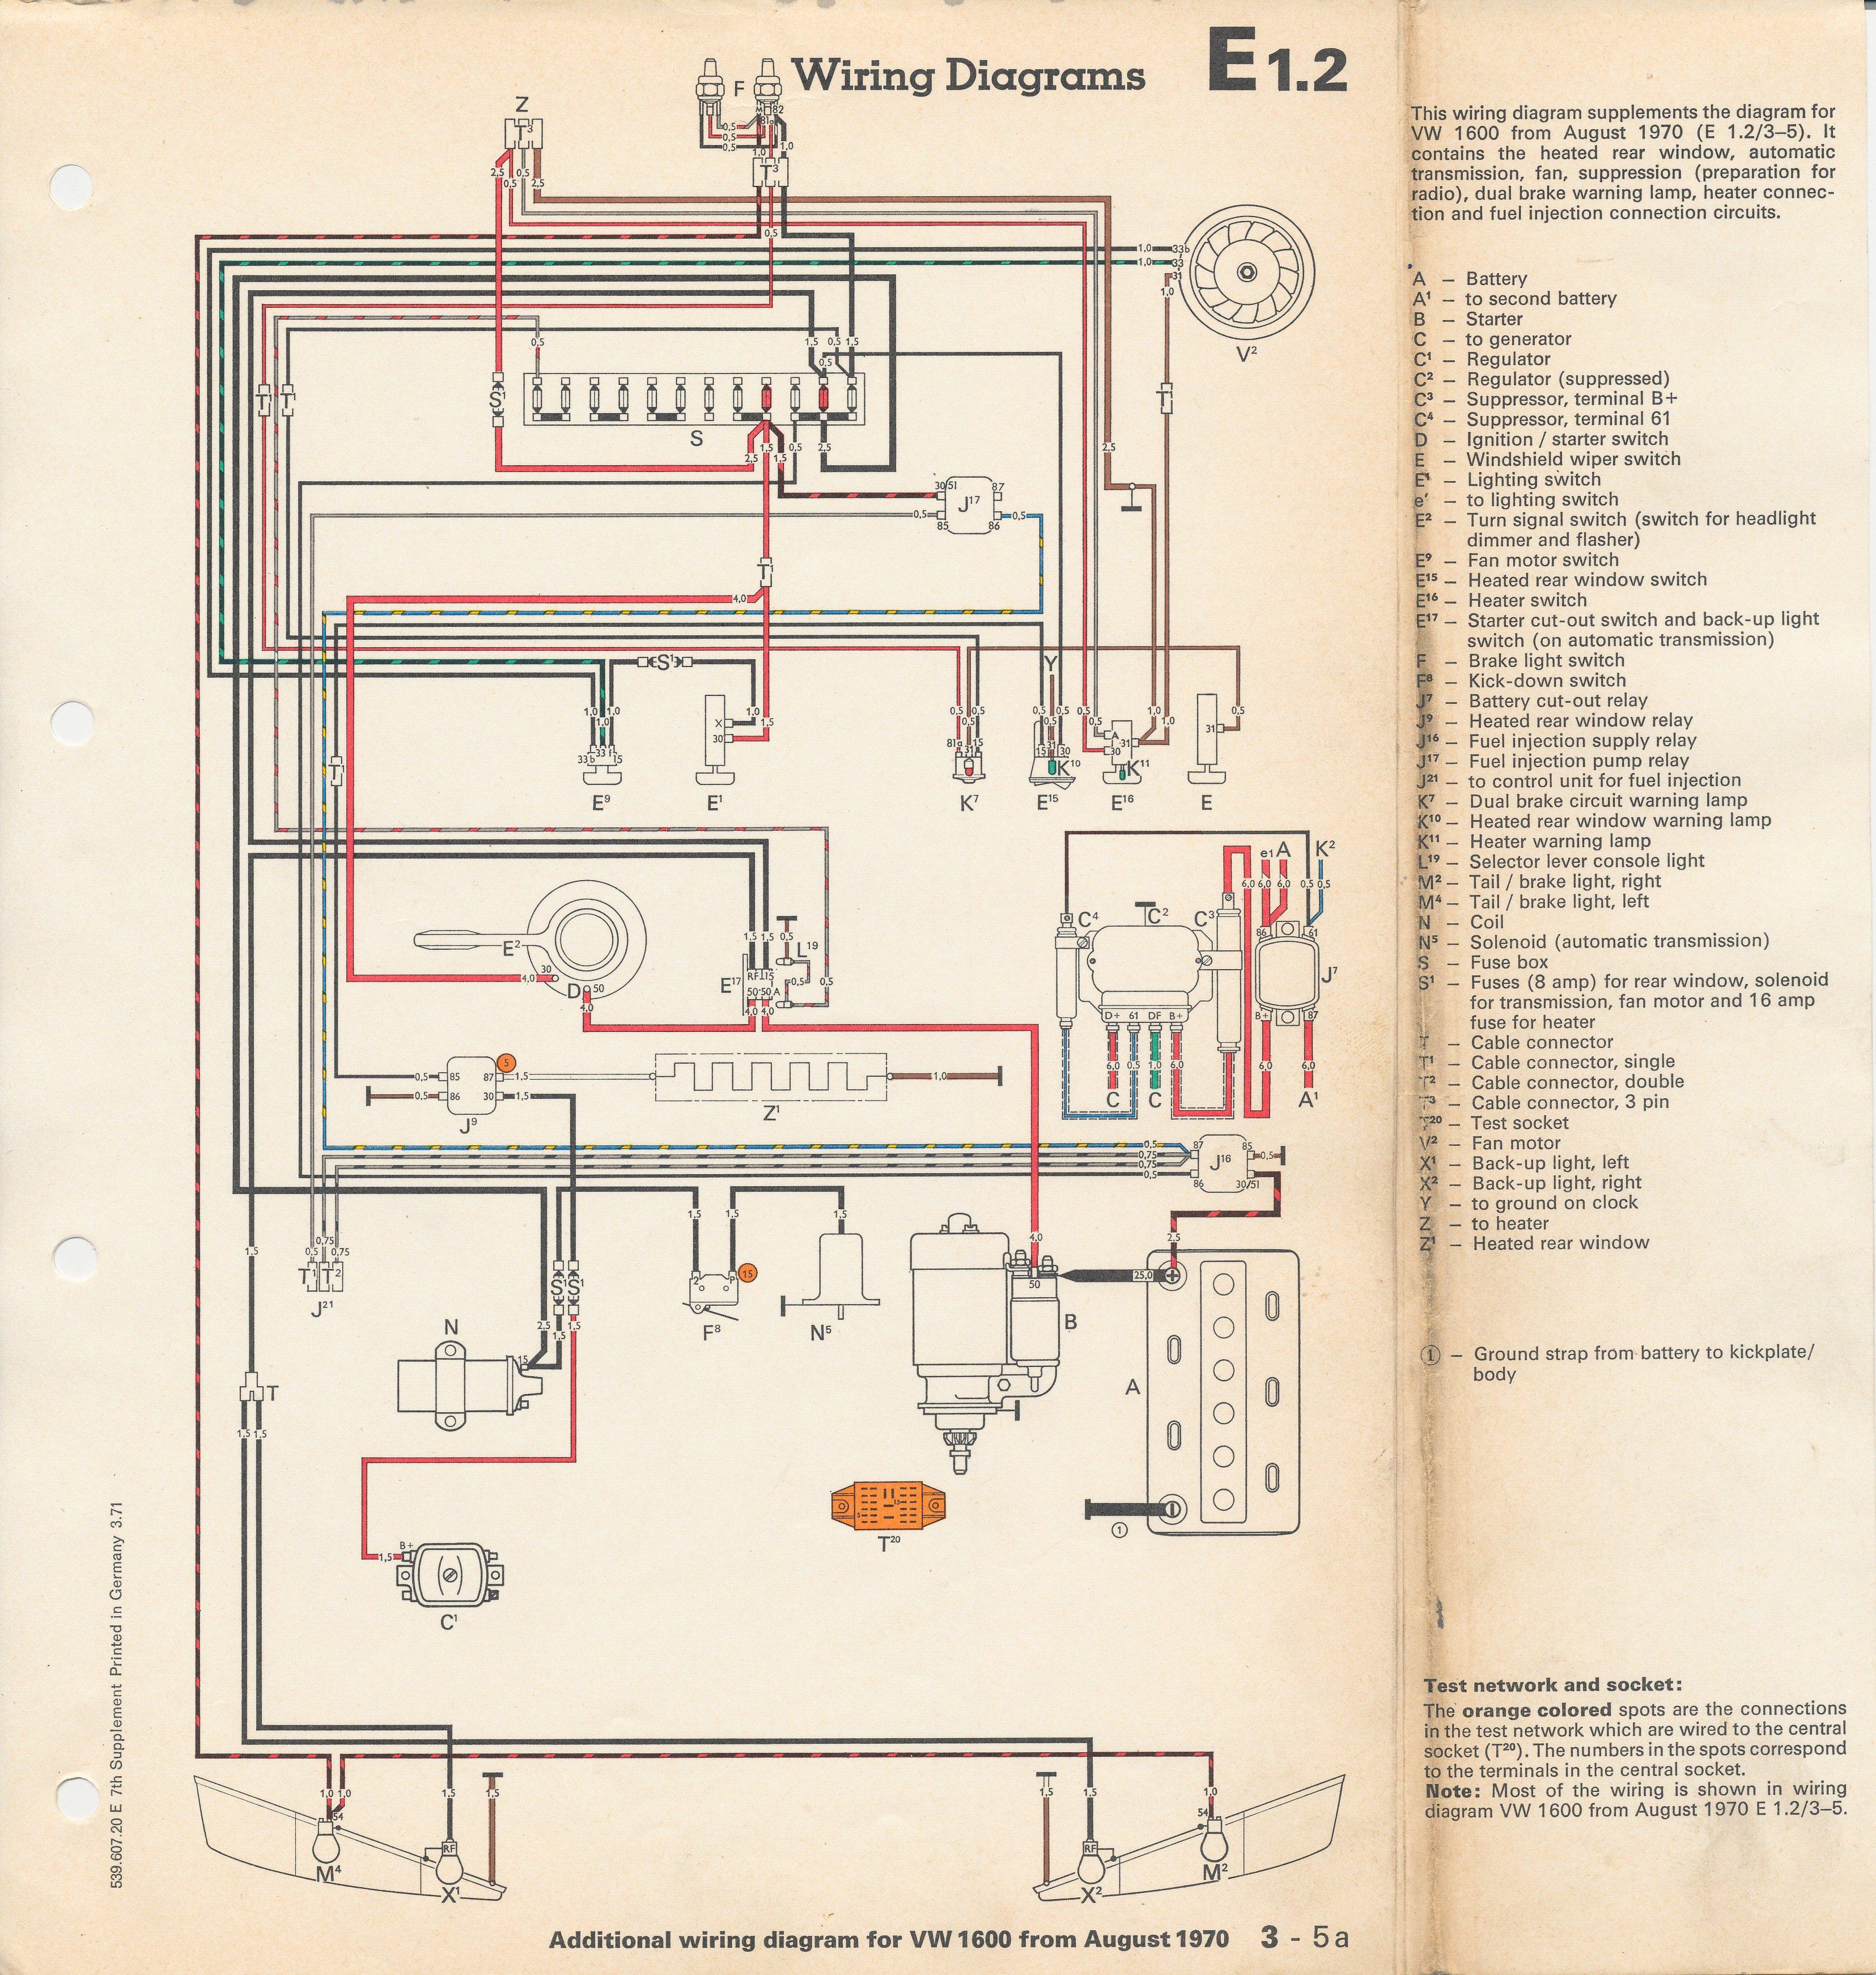 wiring diagram automotive sony cdx gt360mp thesamba.com :: type 3 diagrams